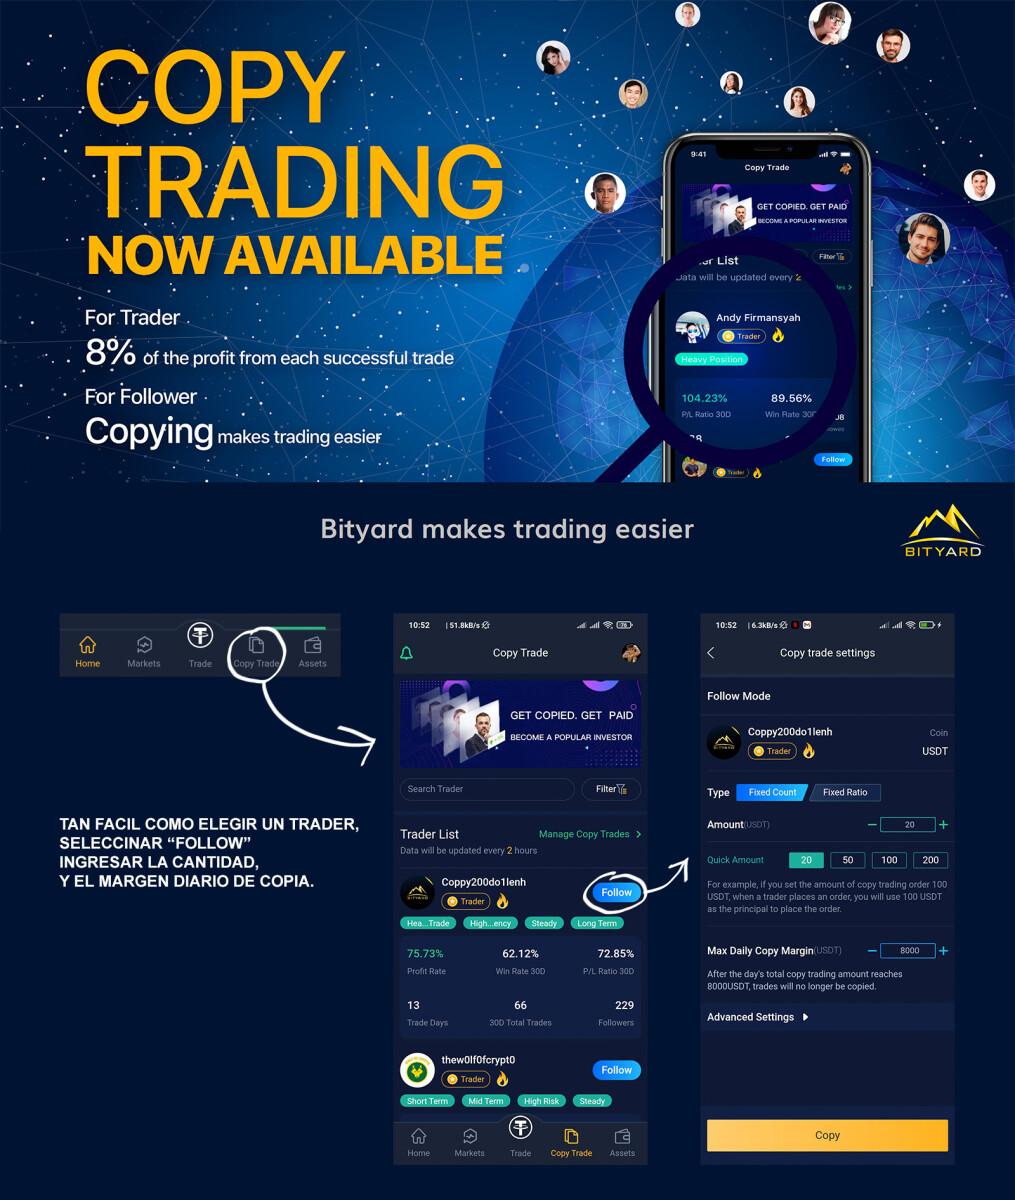 Bityard el copy trading